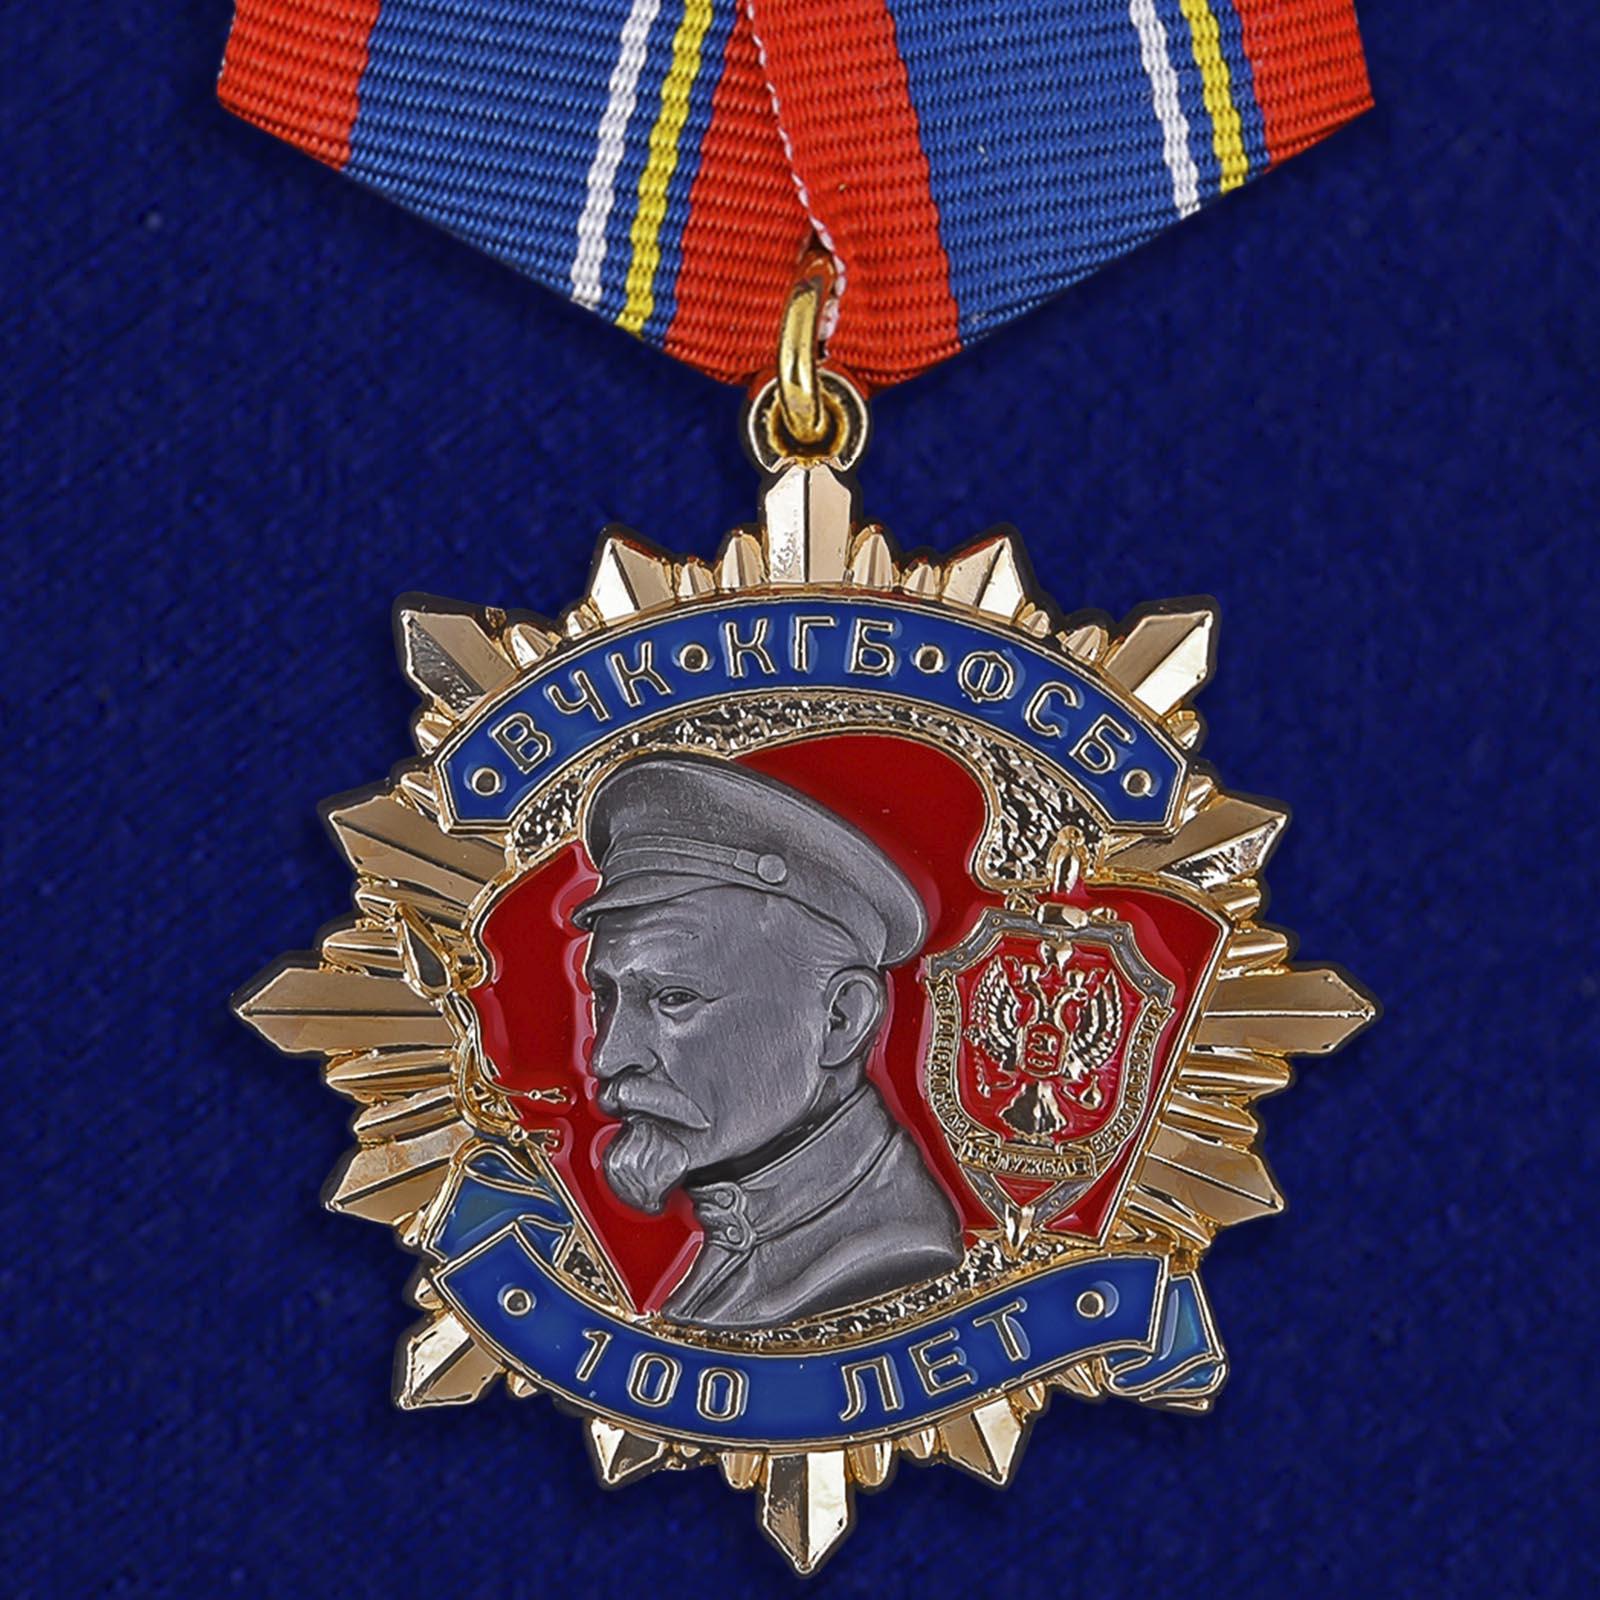 Орден «Феликс Дзержинский – 100 лет ВЧК-КГБ-ФСБ» I степени